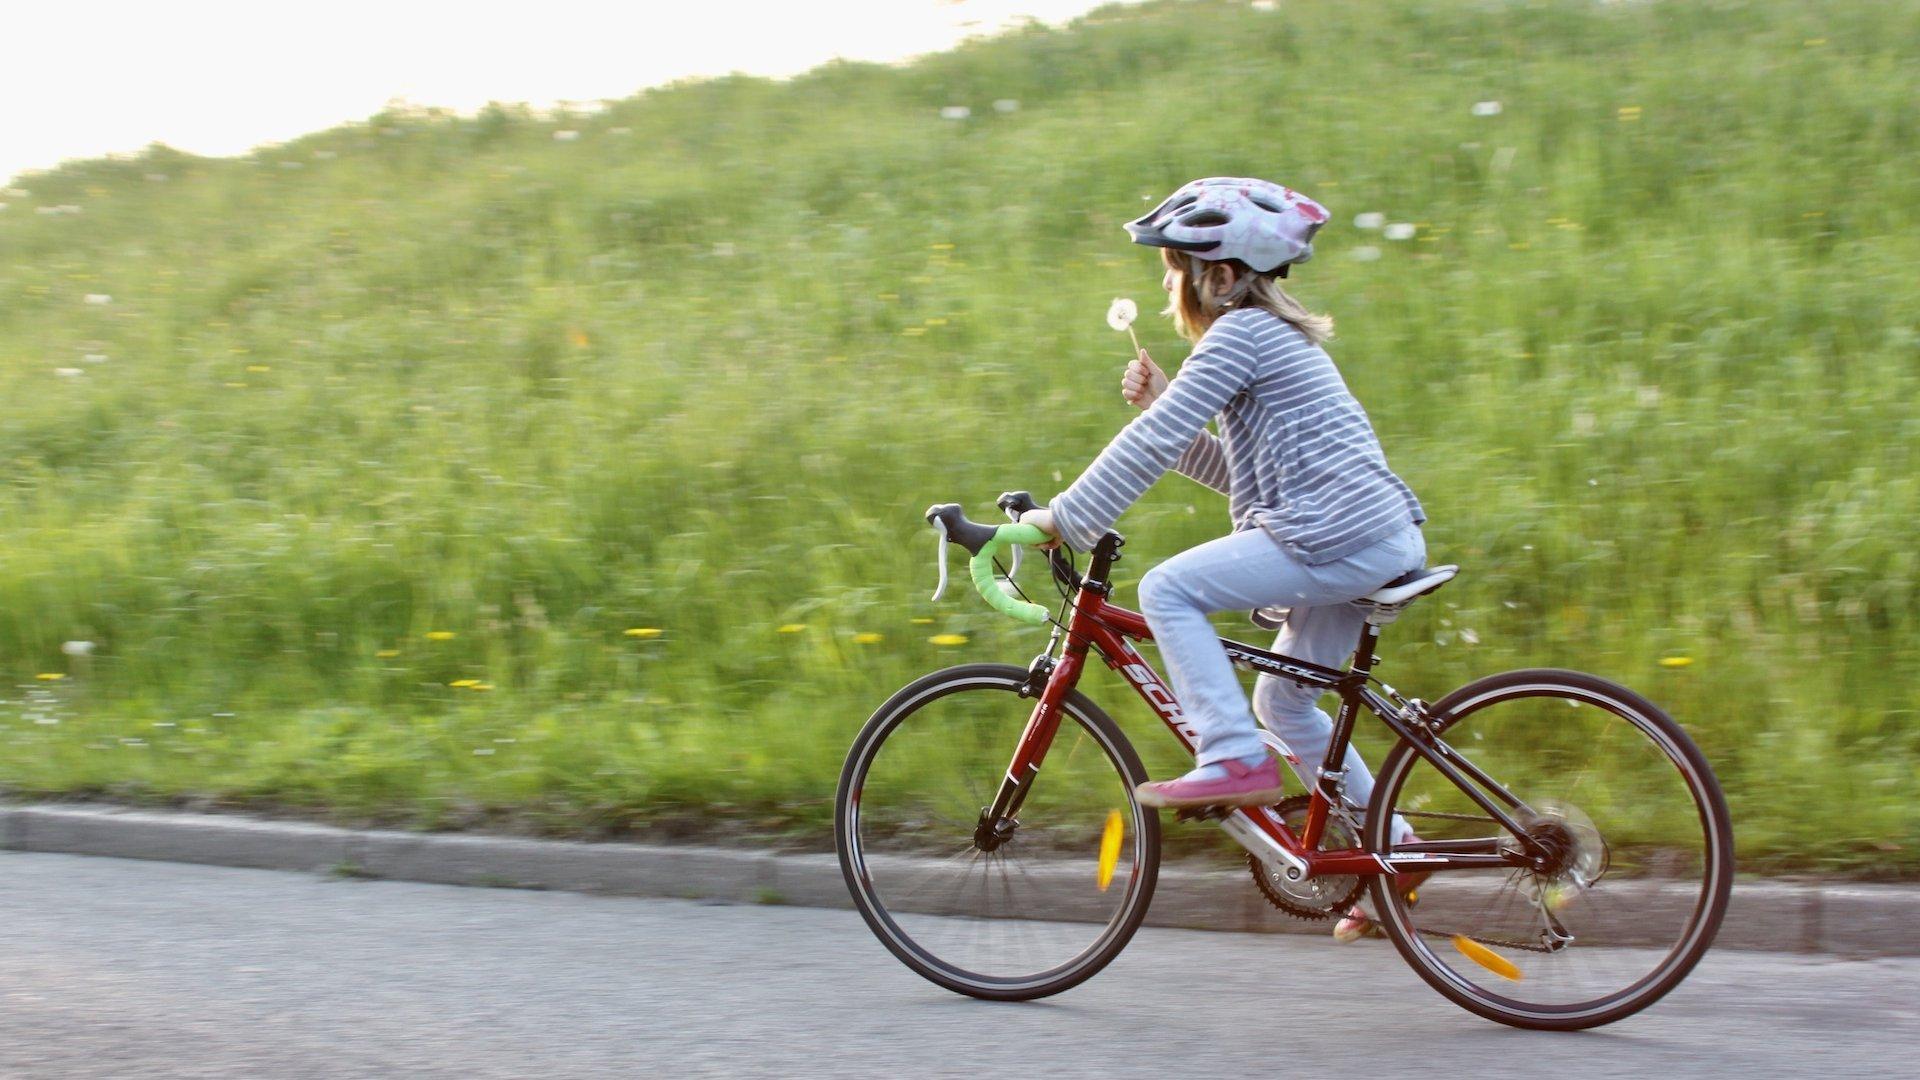 Ein achtjähriges Mädchen fährt auf einem roten Rennrad eine Deichstraße entlang und bläst dabei gegen eine Pusteblume